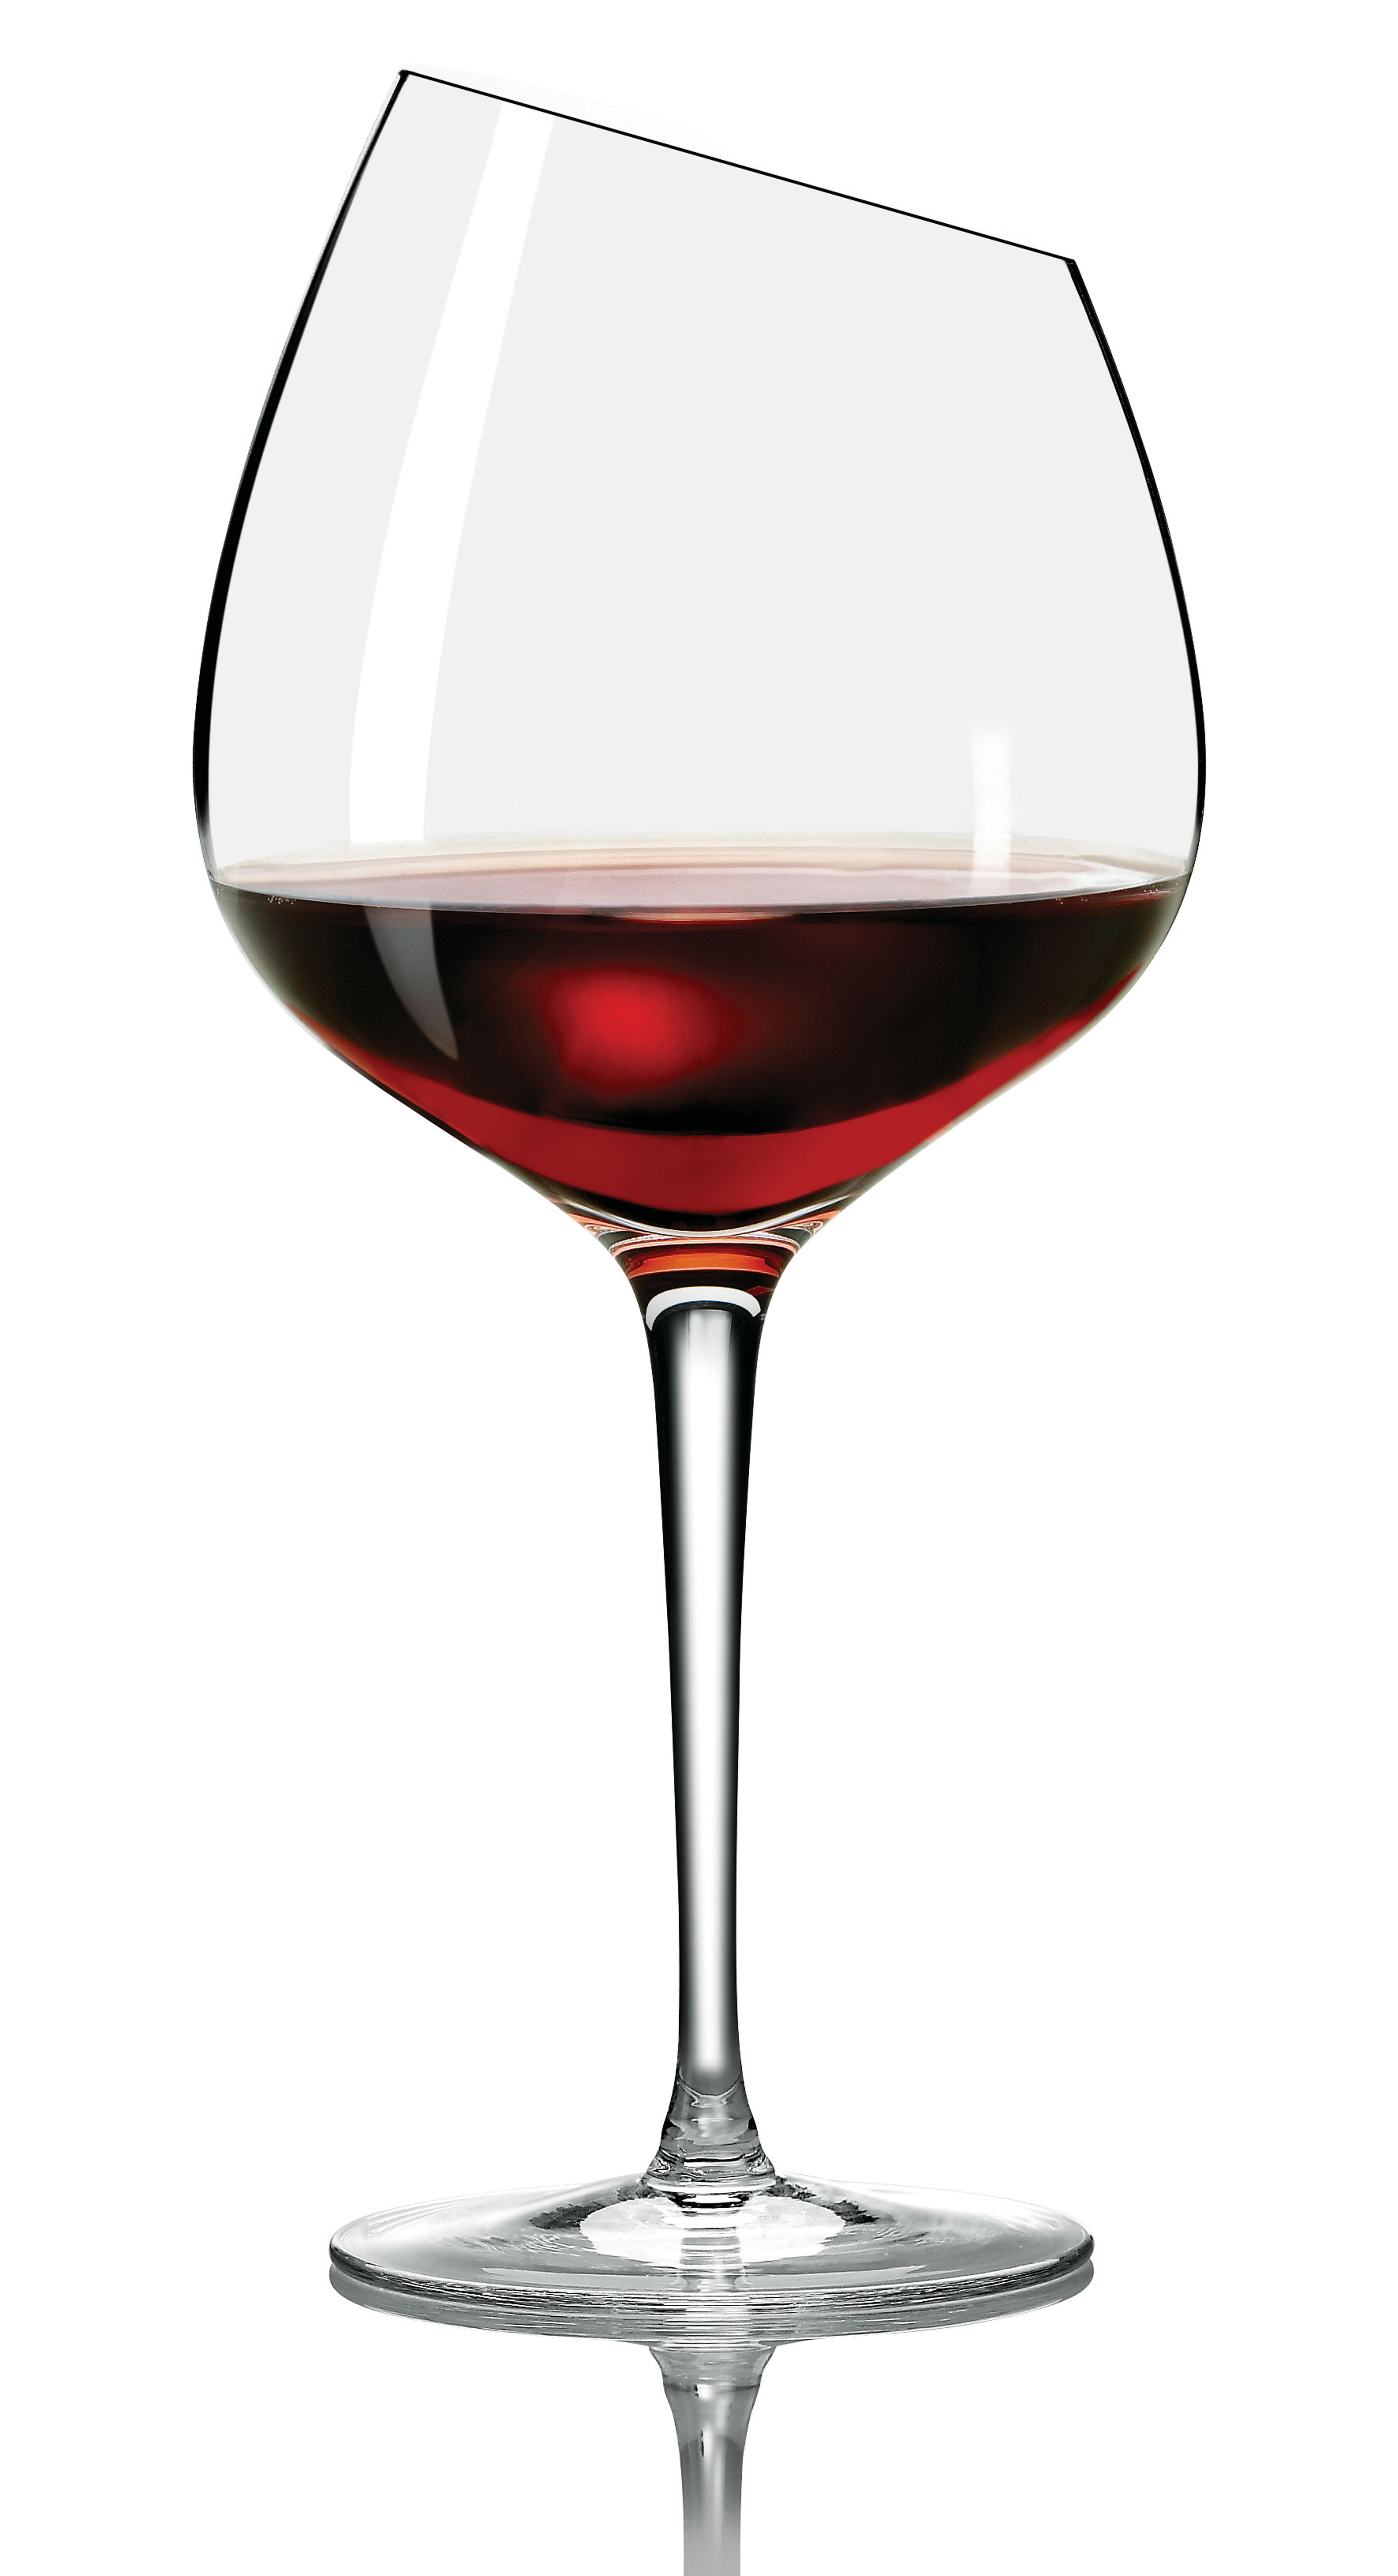 Arts de la table - Verres  - Verre à vin / Pour Bourgogne - Eva Solo - Bourgogne - Verre soufflé bouche